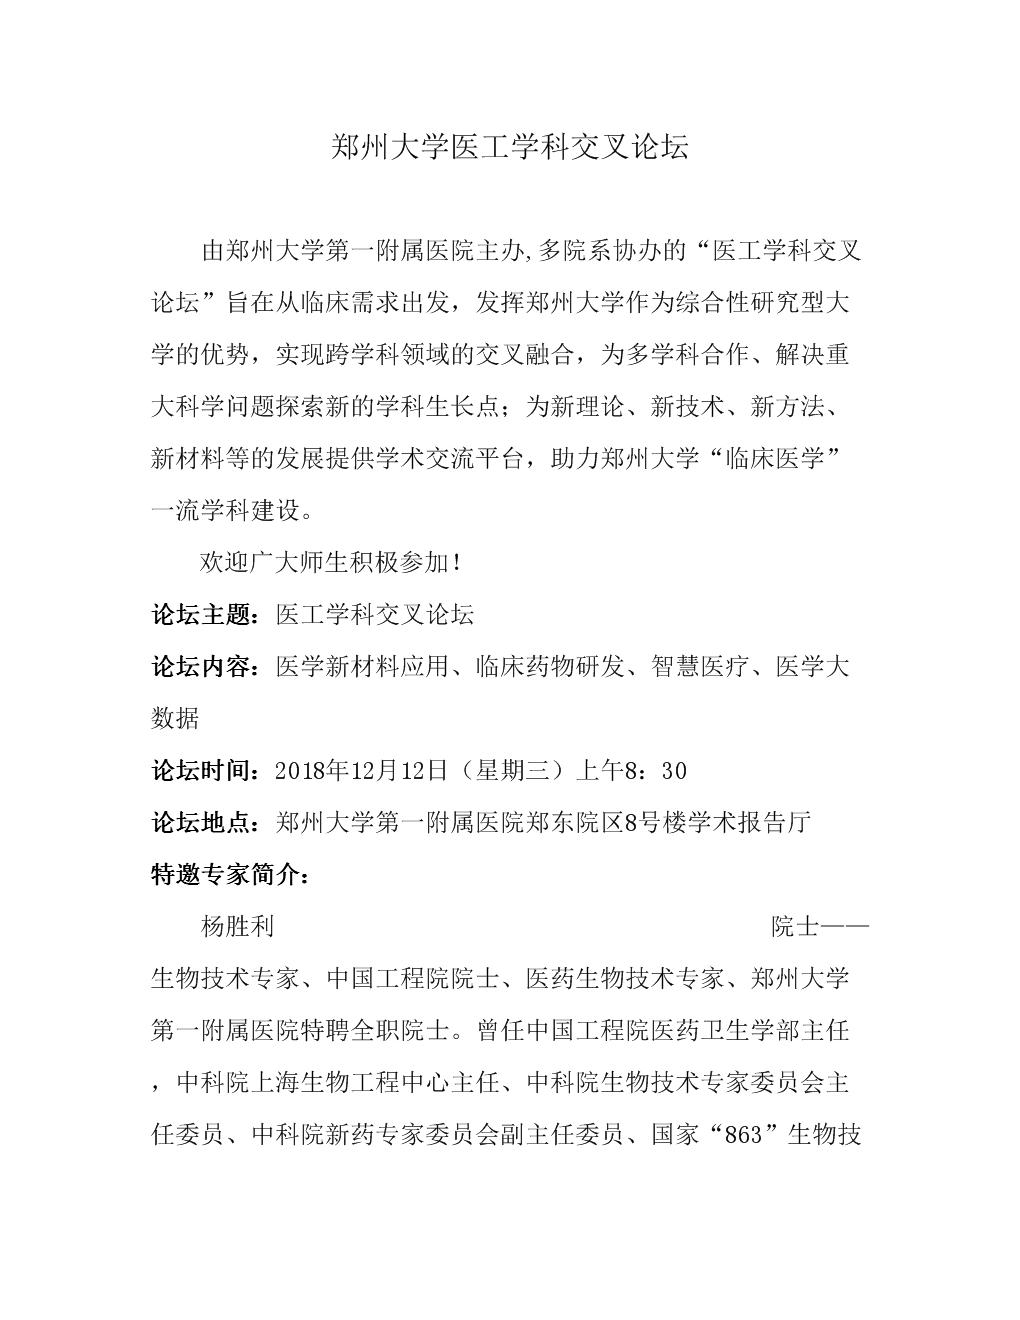 鄭州大學醫工學科交叉論壇.doc